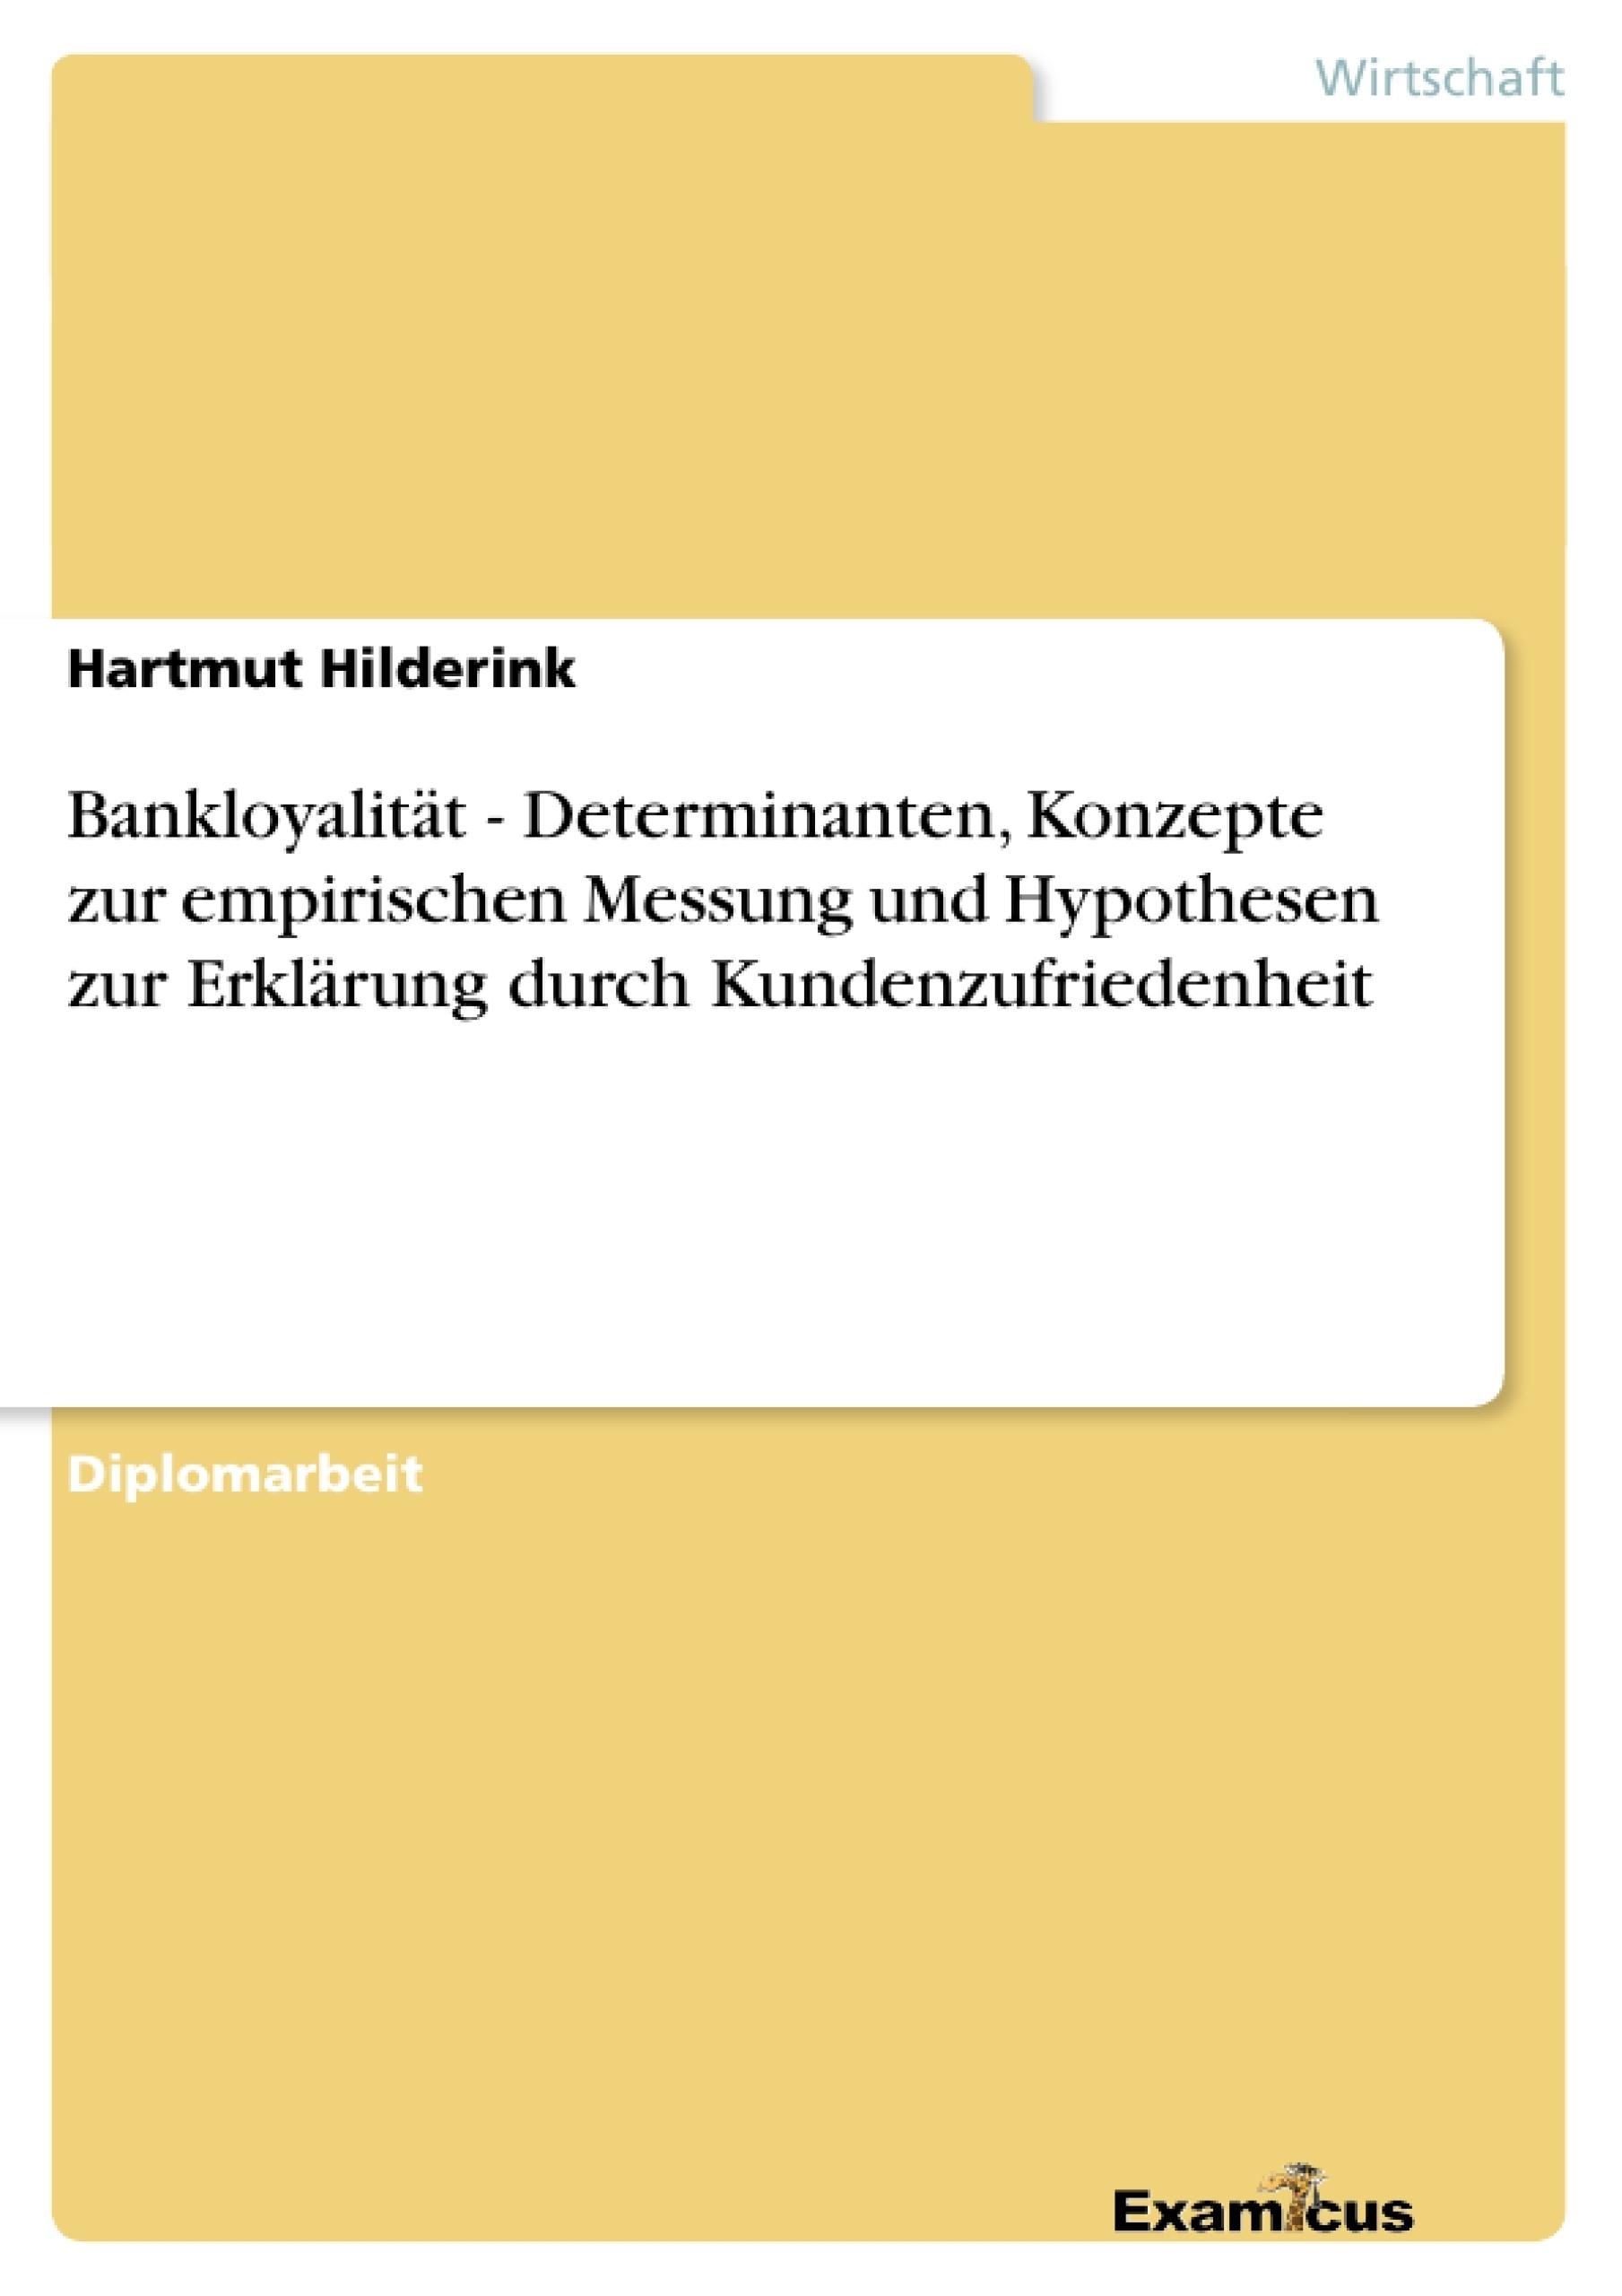 Titel: Bankloyalität - Determinanten, Konzepte zur empirischen Messung und Hypothesen zur Erklärung durch Kundenzufriedenheit